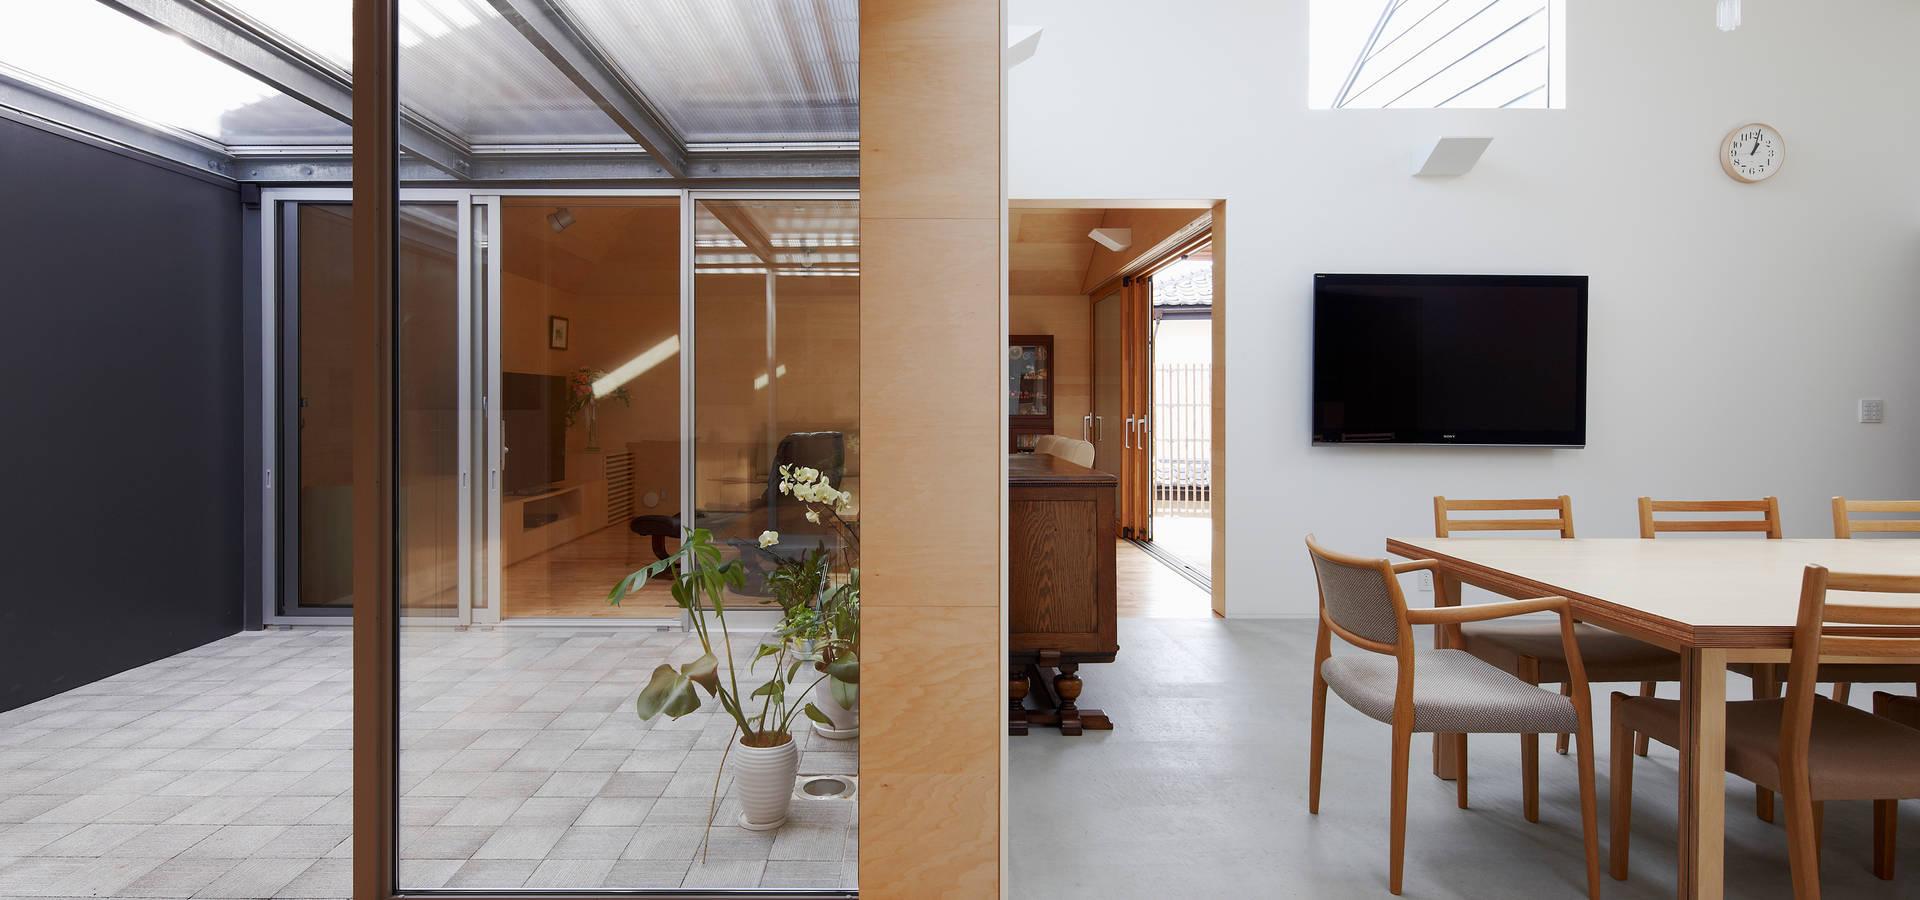 齋藤和哉建築設計事務所